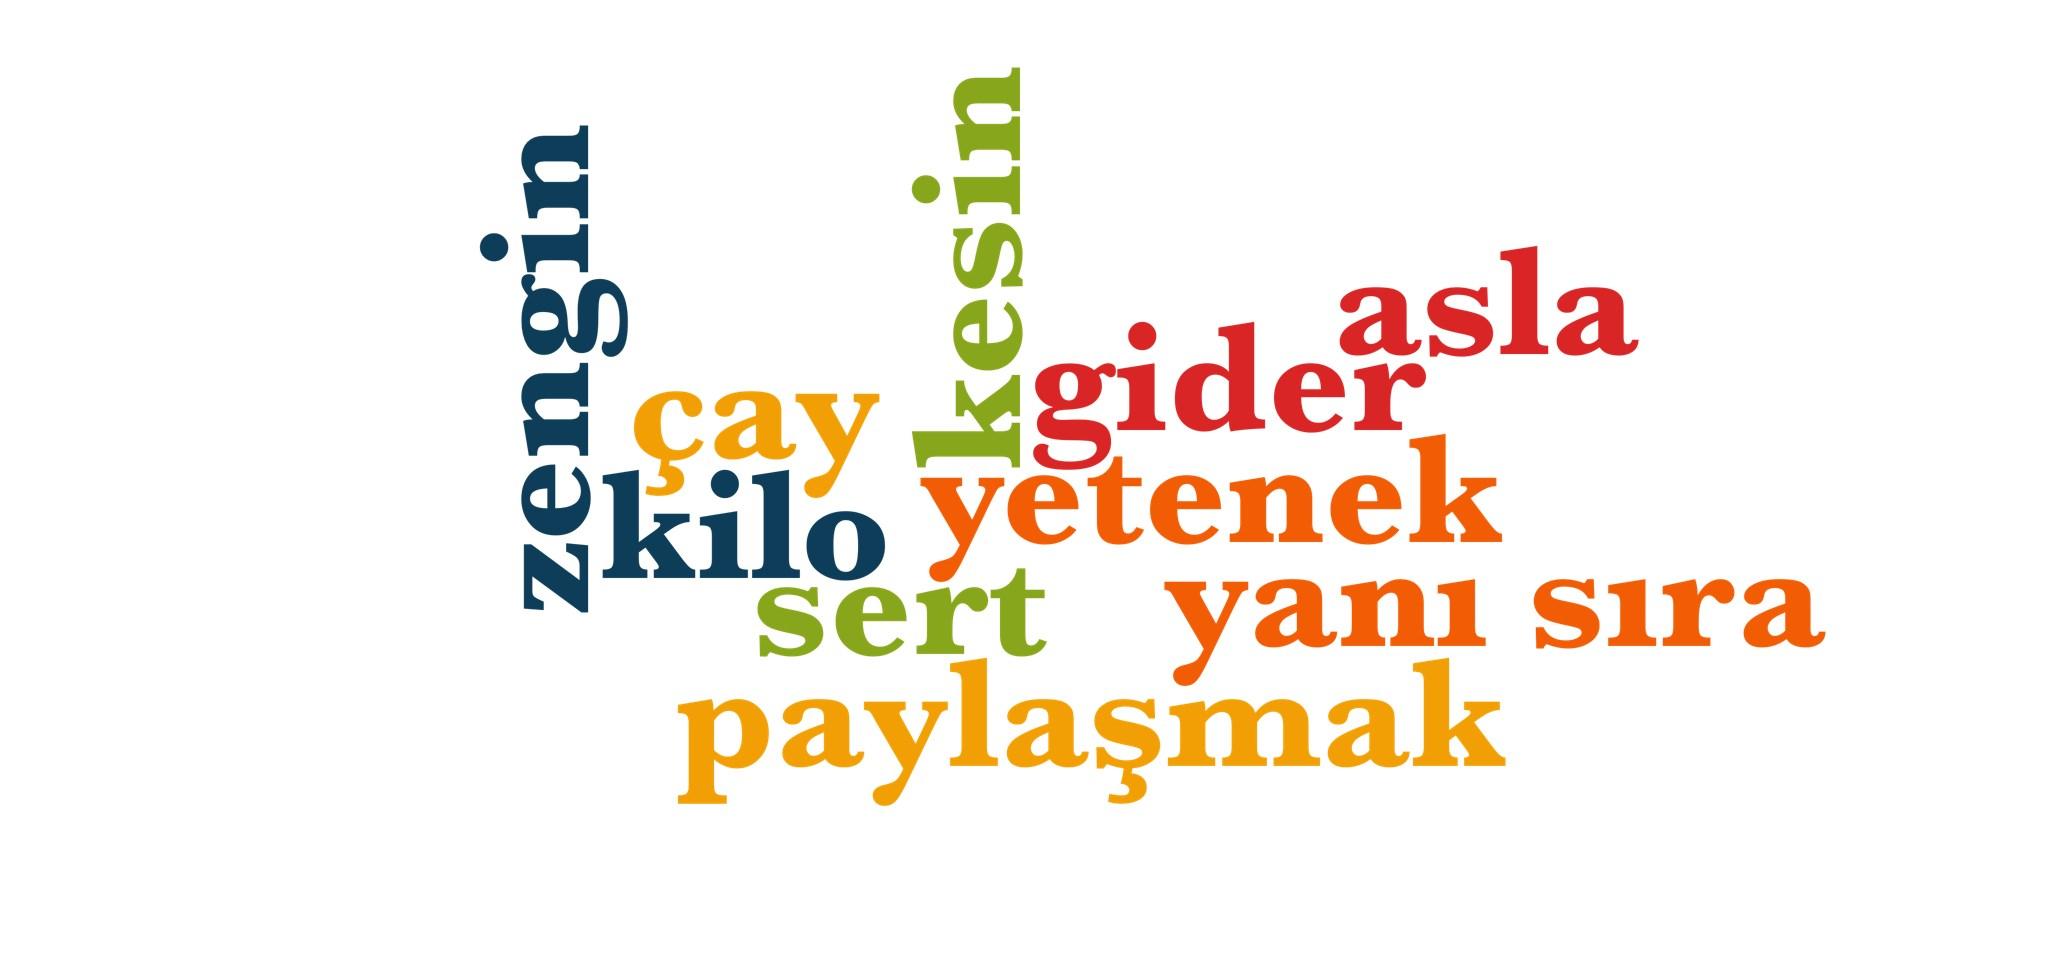 Wörter 941 bis 950 der 1000 häufigsten Wörter der türkischen Sprache